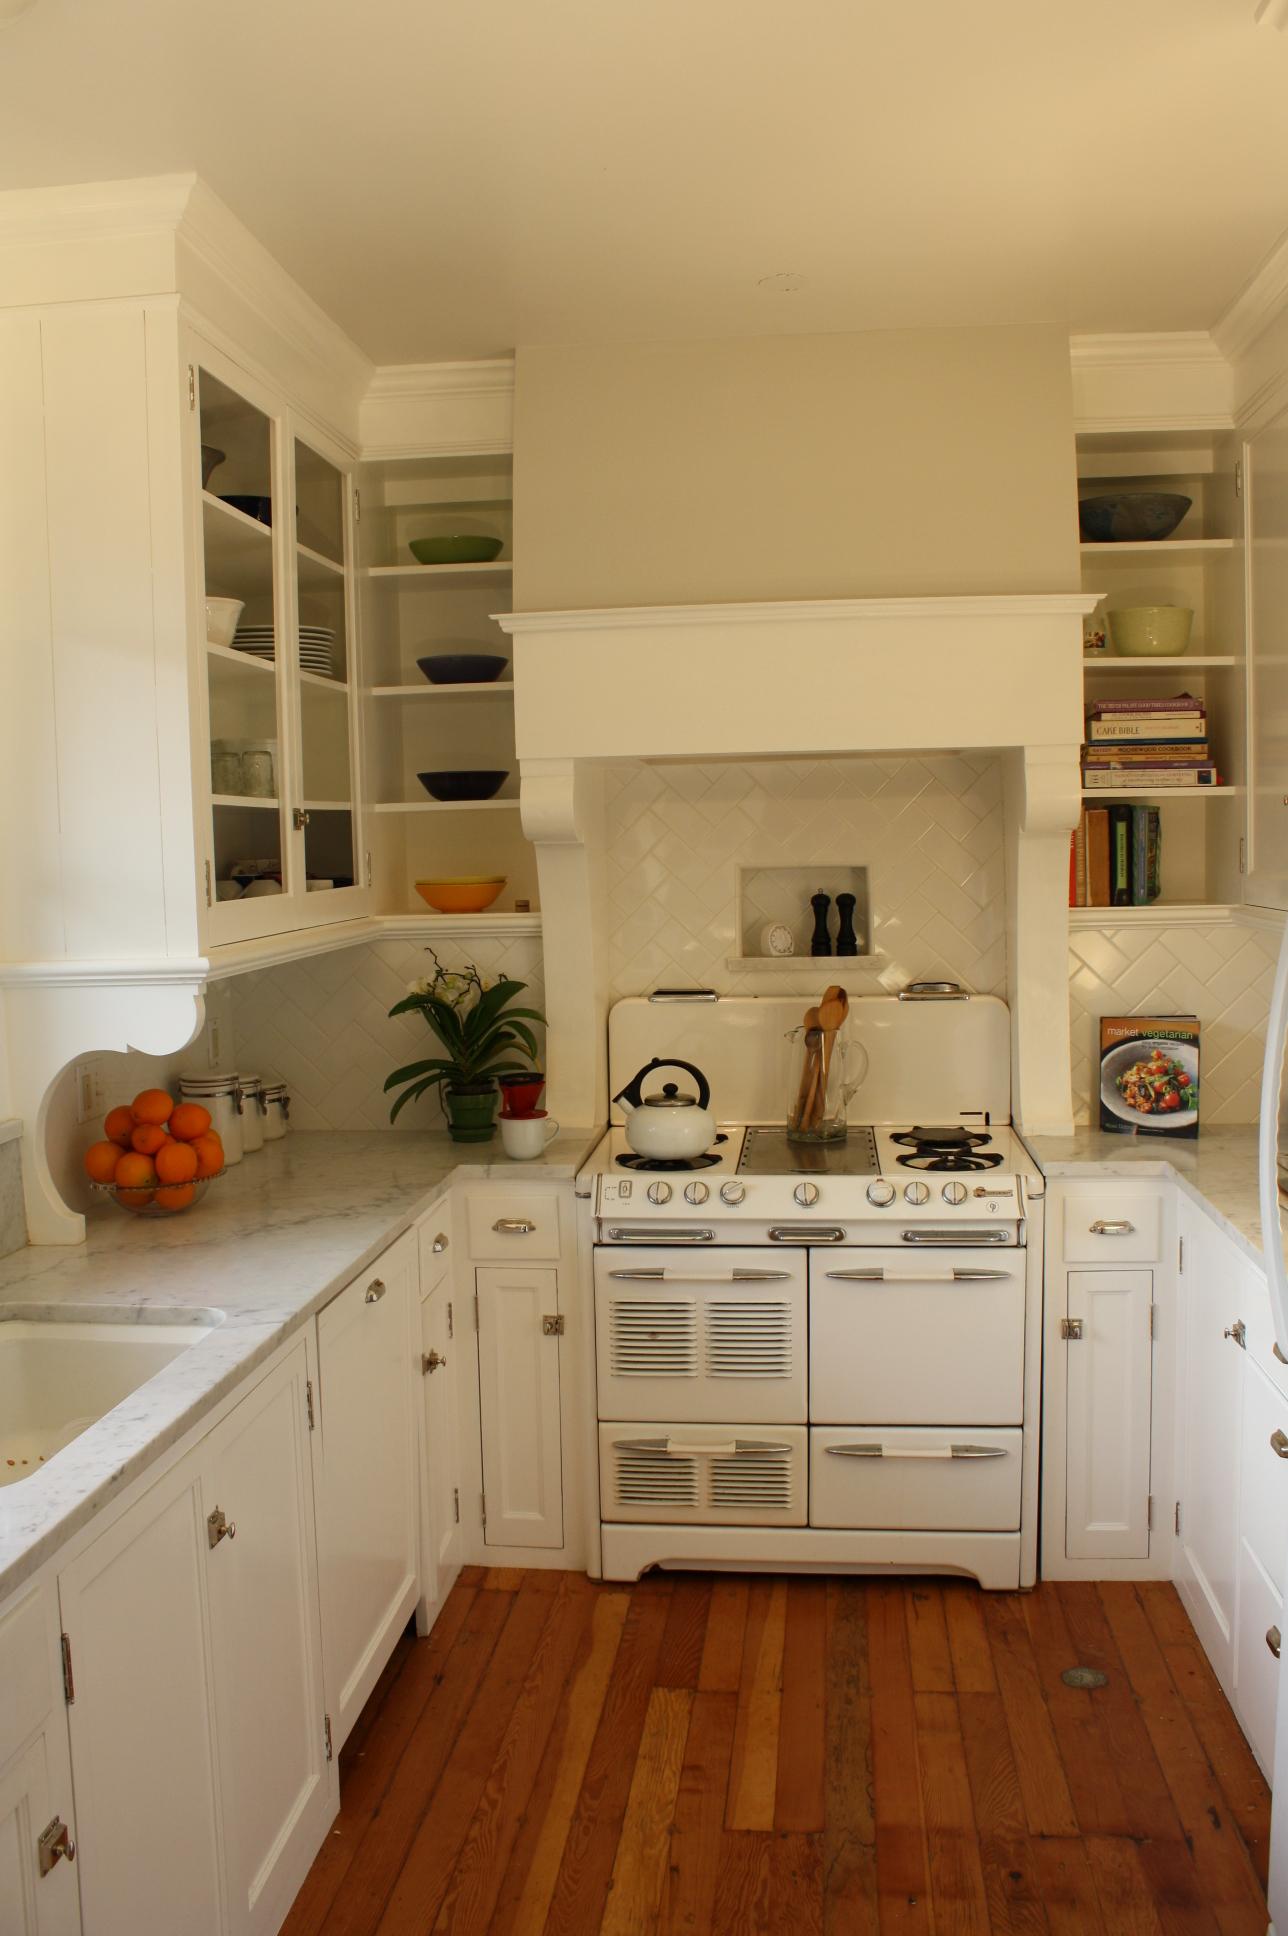 Стильный дизайн интерьера кухни от Robert Kelly